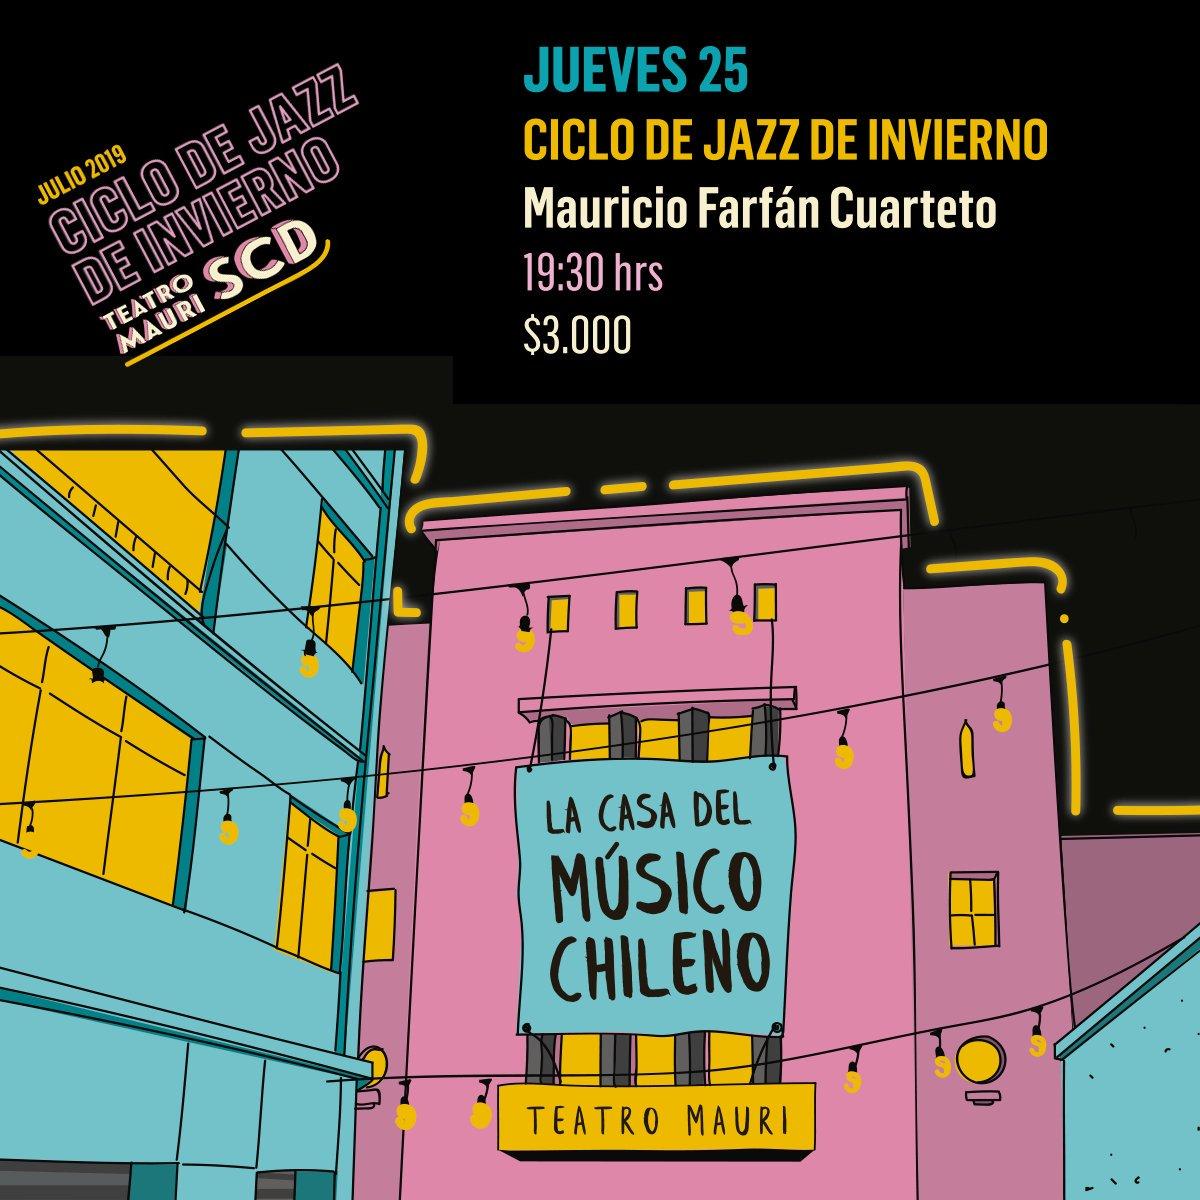 test Twitter Media - ✨Energía y virtuosismo es lo que hoy nos ofrecerá Mauricio Farfán Cuarteto en la última fecha del ciclo de jazz de invierno en Teatro Mauri SCD 🎷🎶. Panorama imperdible desde las 19:30 hrs. Revisa los detalles -> https://t.co/CzqJMBFiTY https://t.co/HXGrgh1Rdh